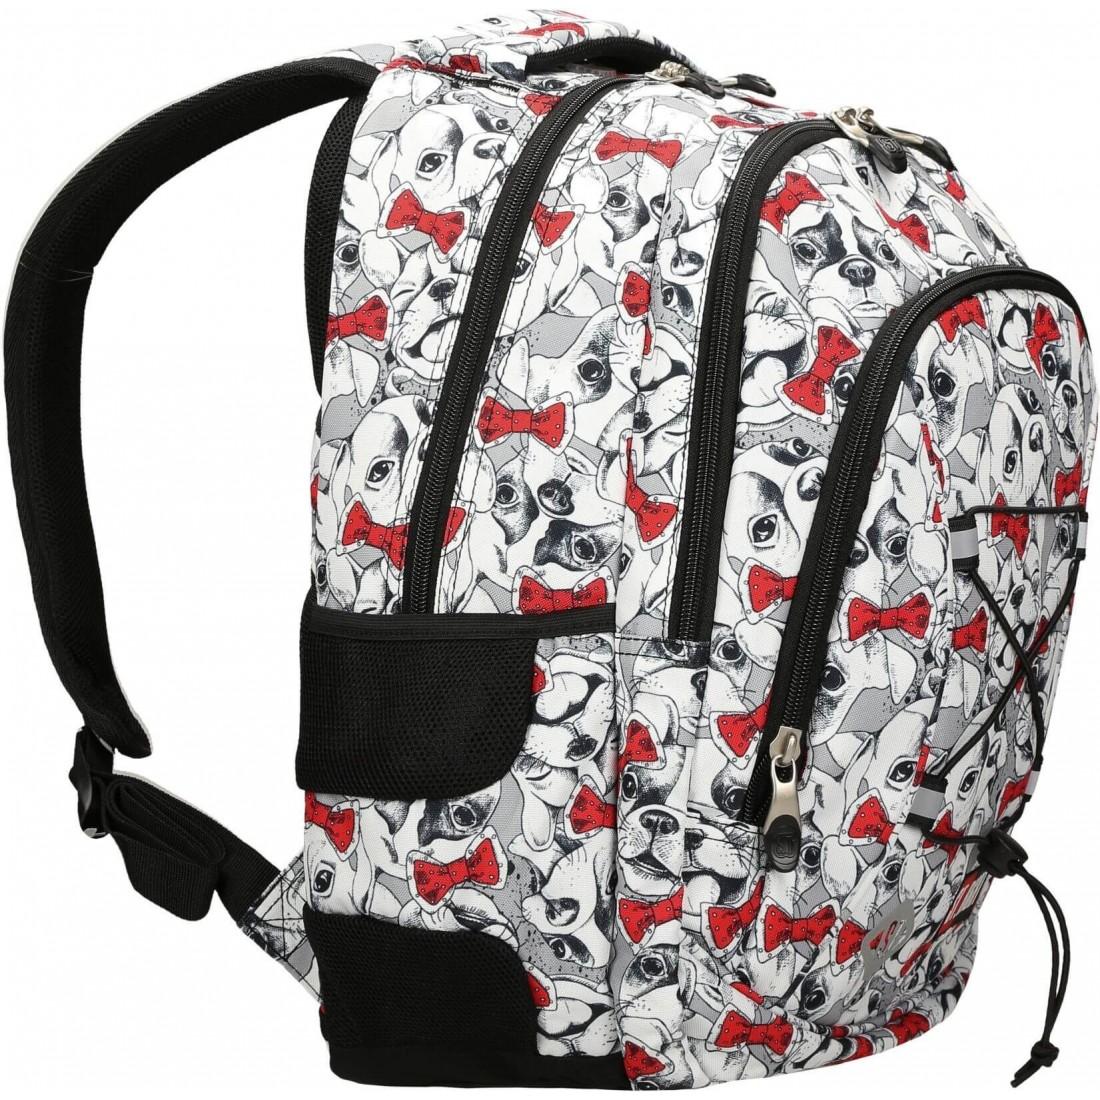 Plecak do szkoły dla dziewczyny ST.RIGHT LOVELY PETS czarno biały BP32 St.Majewski